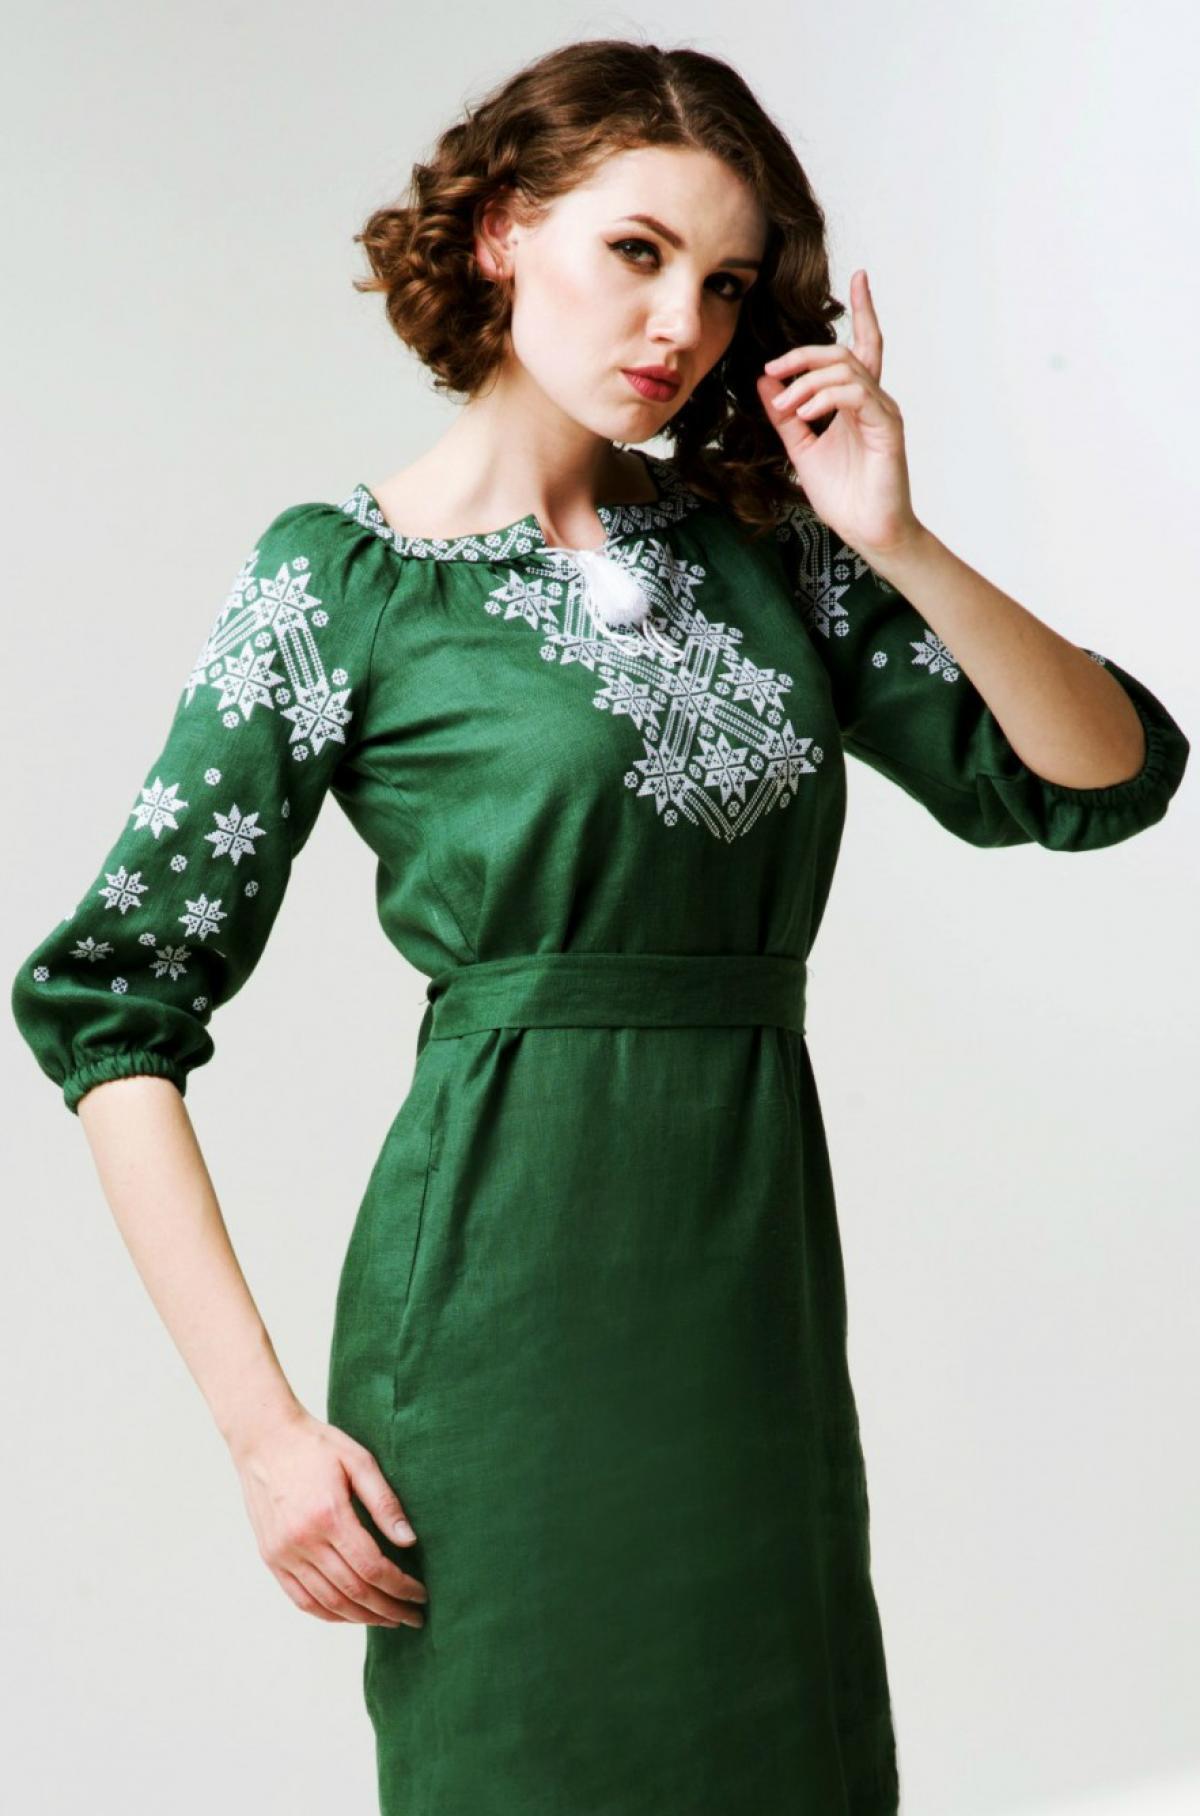 Зелена лляна вишита жіноча сукня. Фото №1. | Народний дім Україна